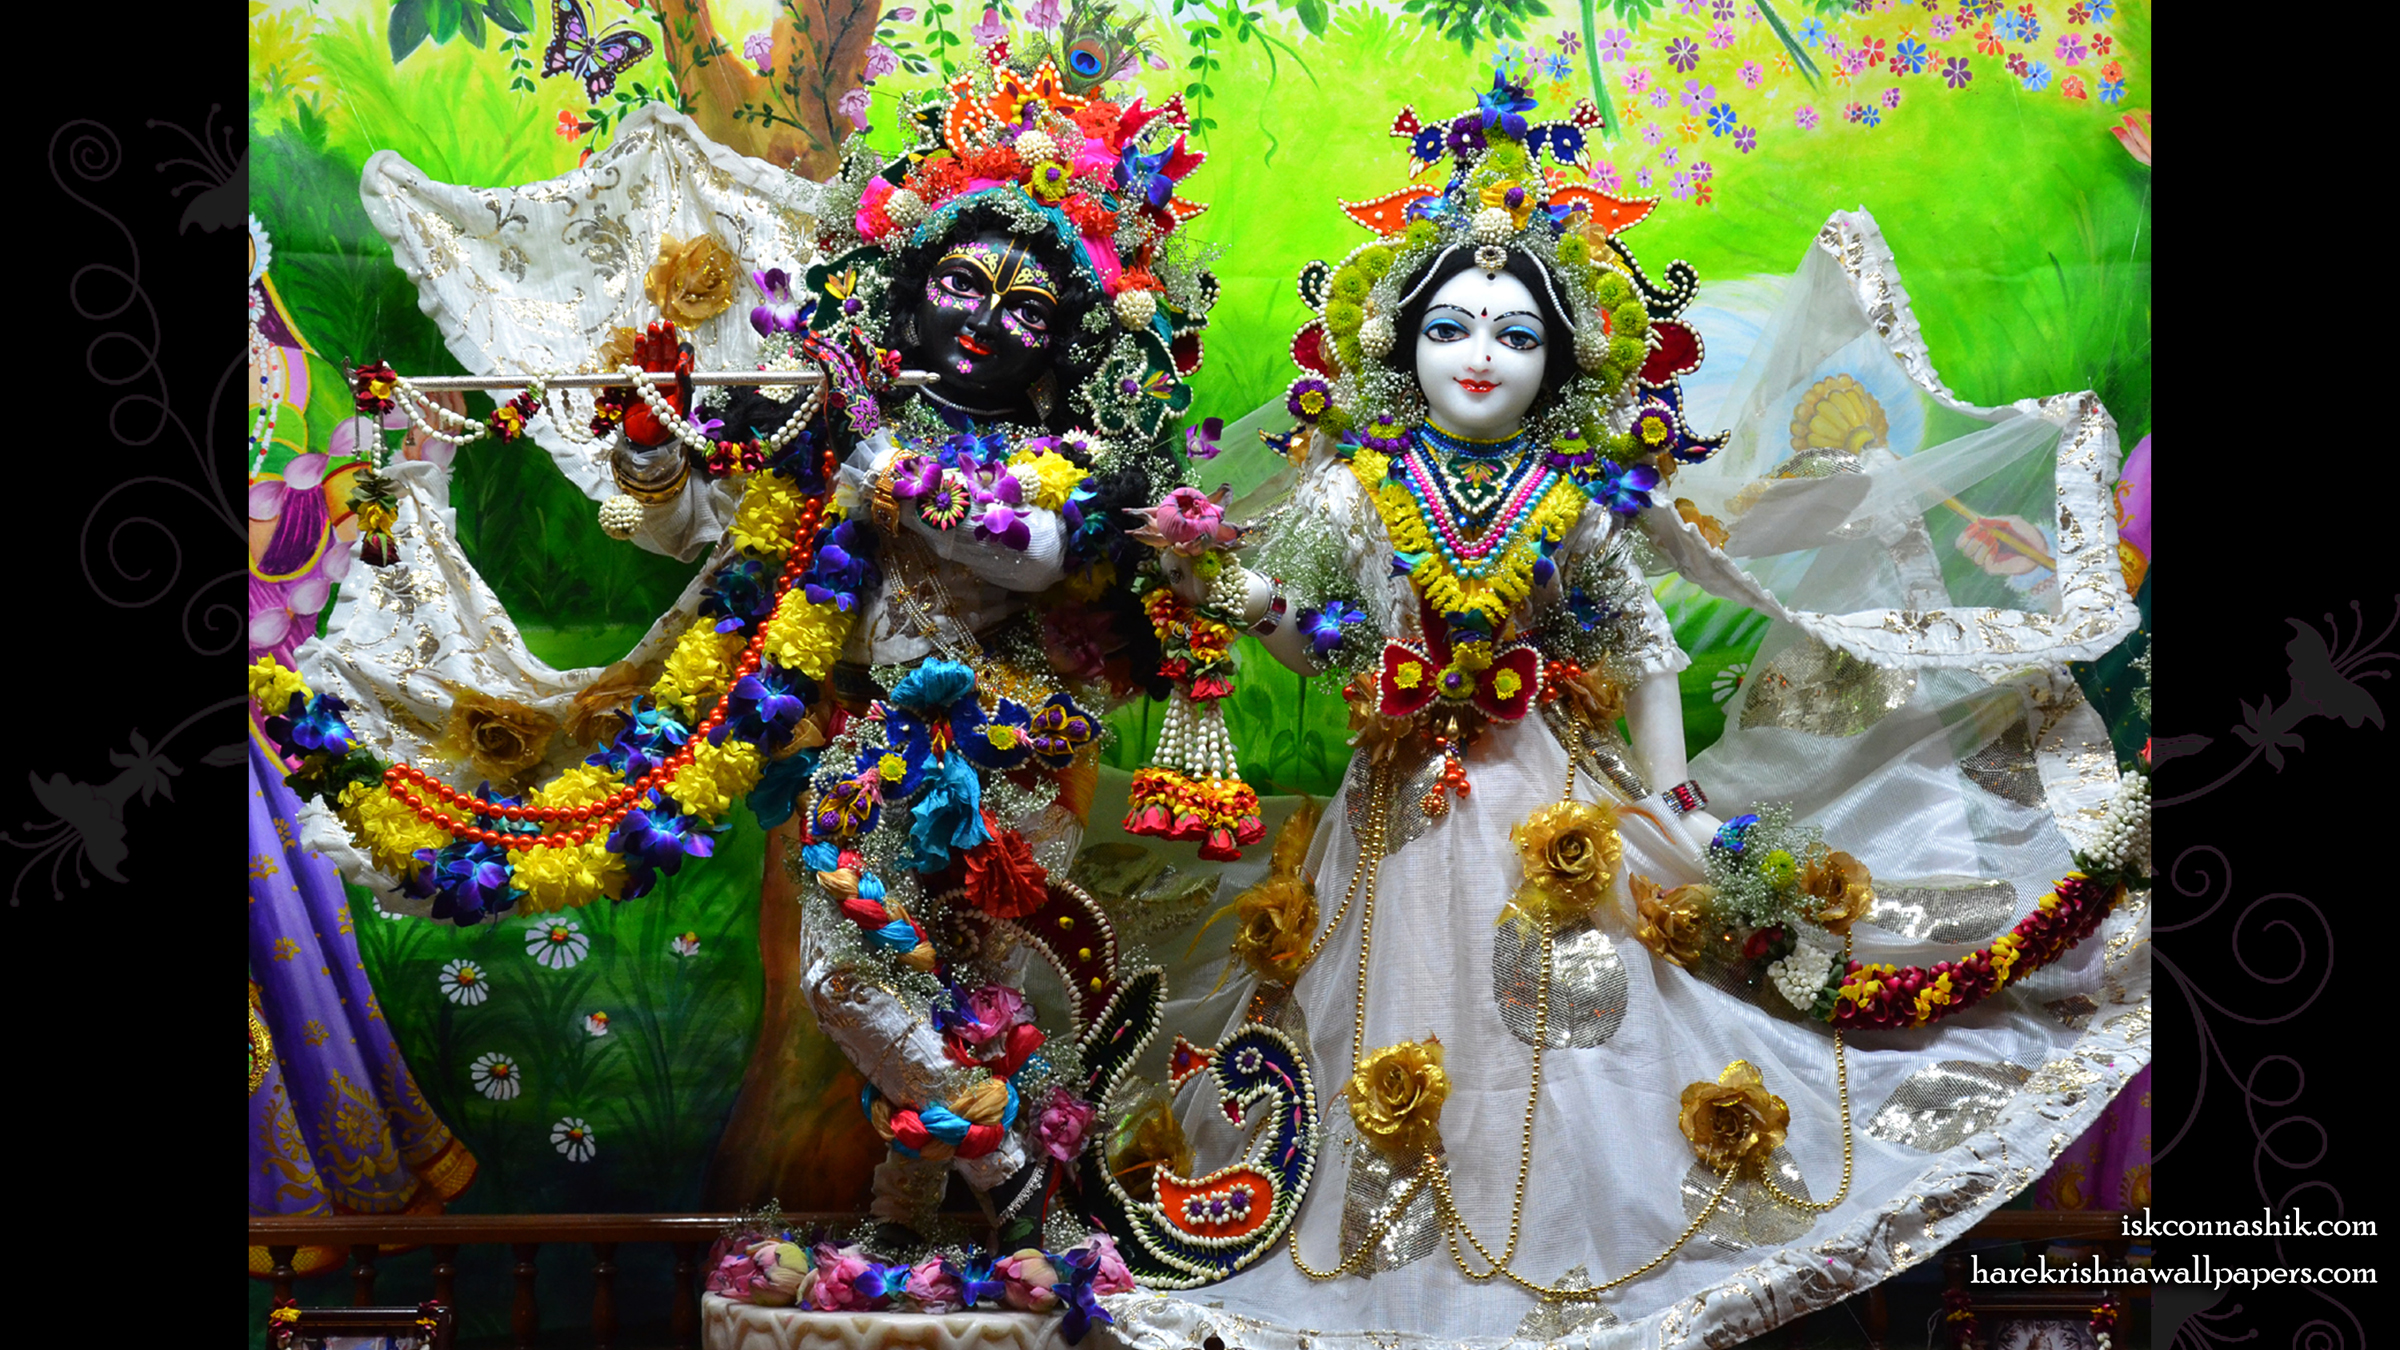 Sri Sri Radha Madan Gopal Wallpaper (015) Size 2400x1350 Download